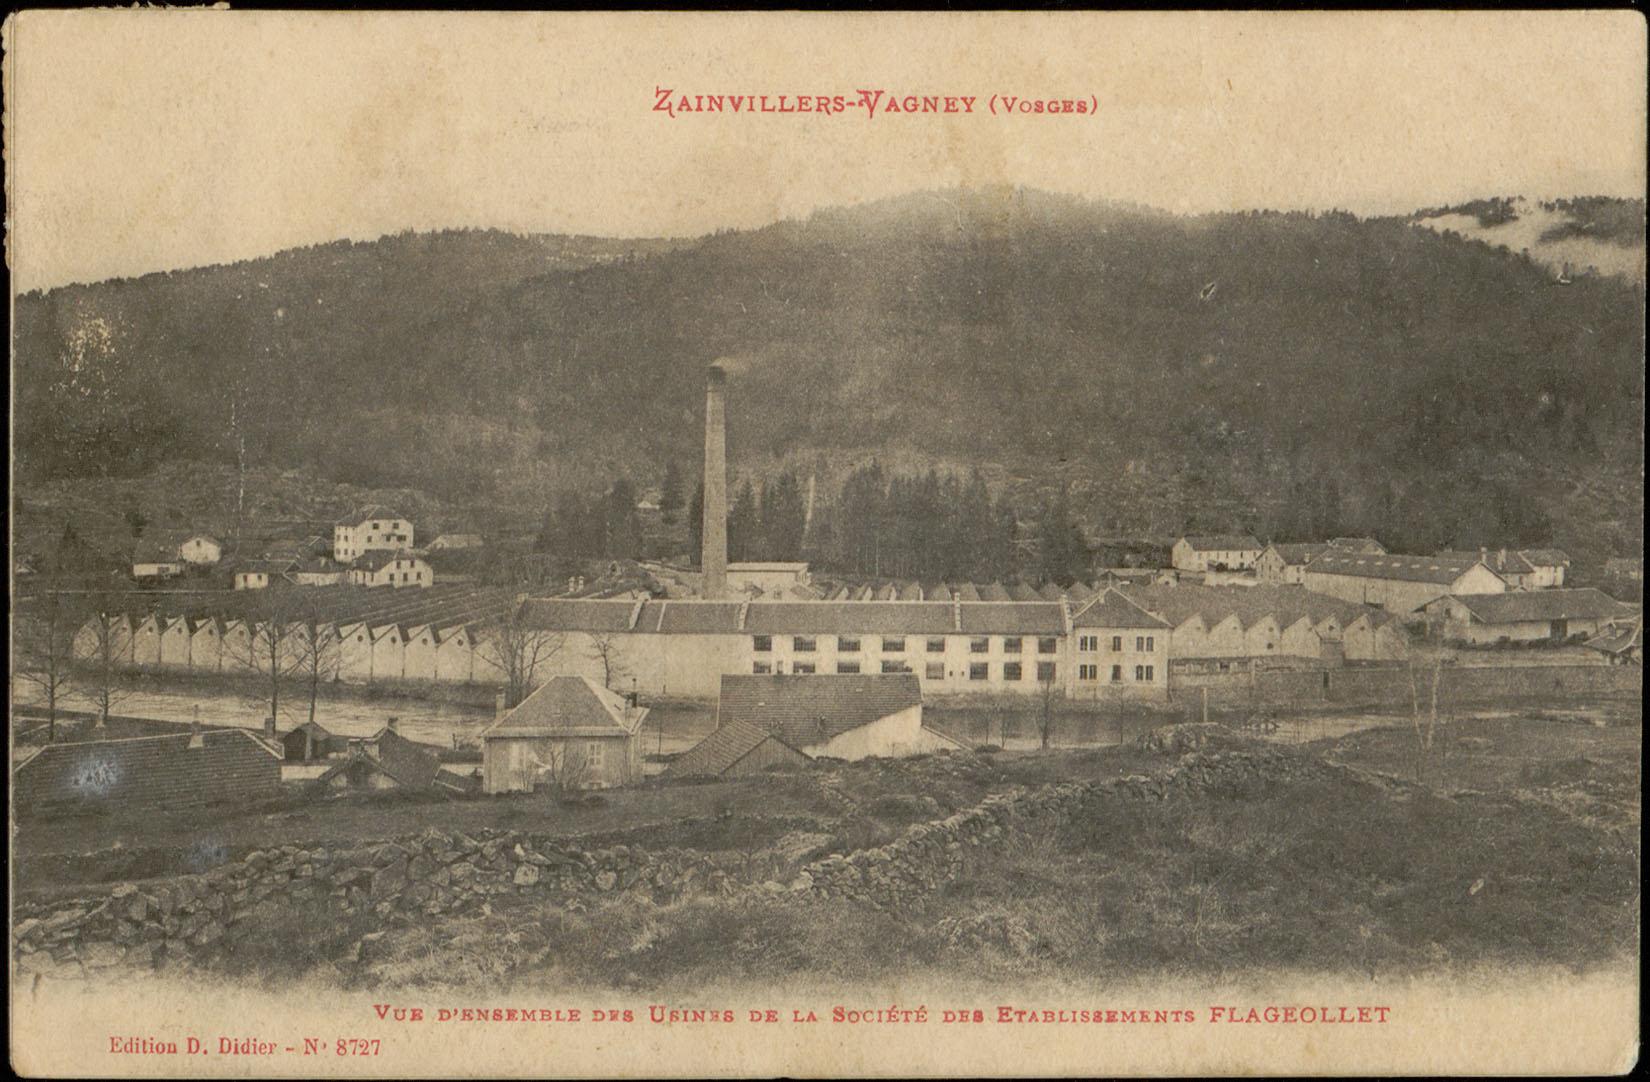 Contenu du Zainvillers-Vagney (Vosges), Vue d'ensemble des Usines de la Société des Etablissement Flageollet